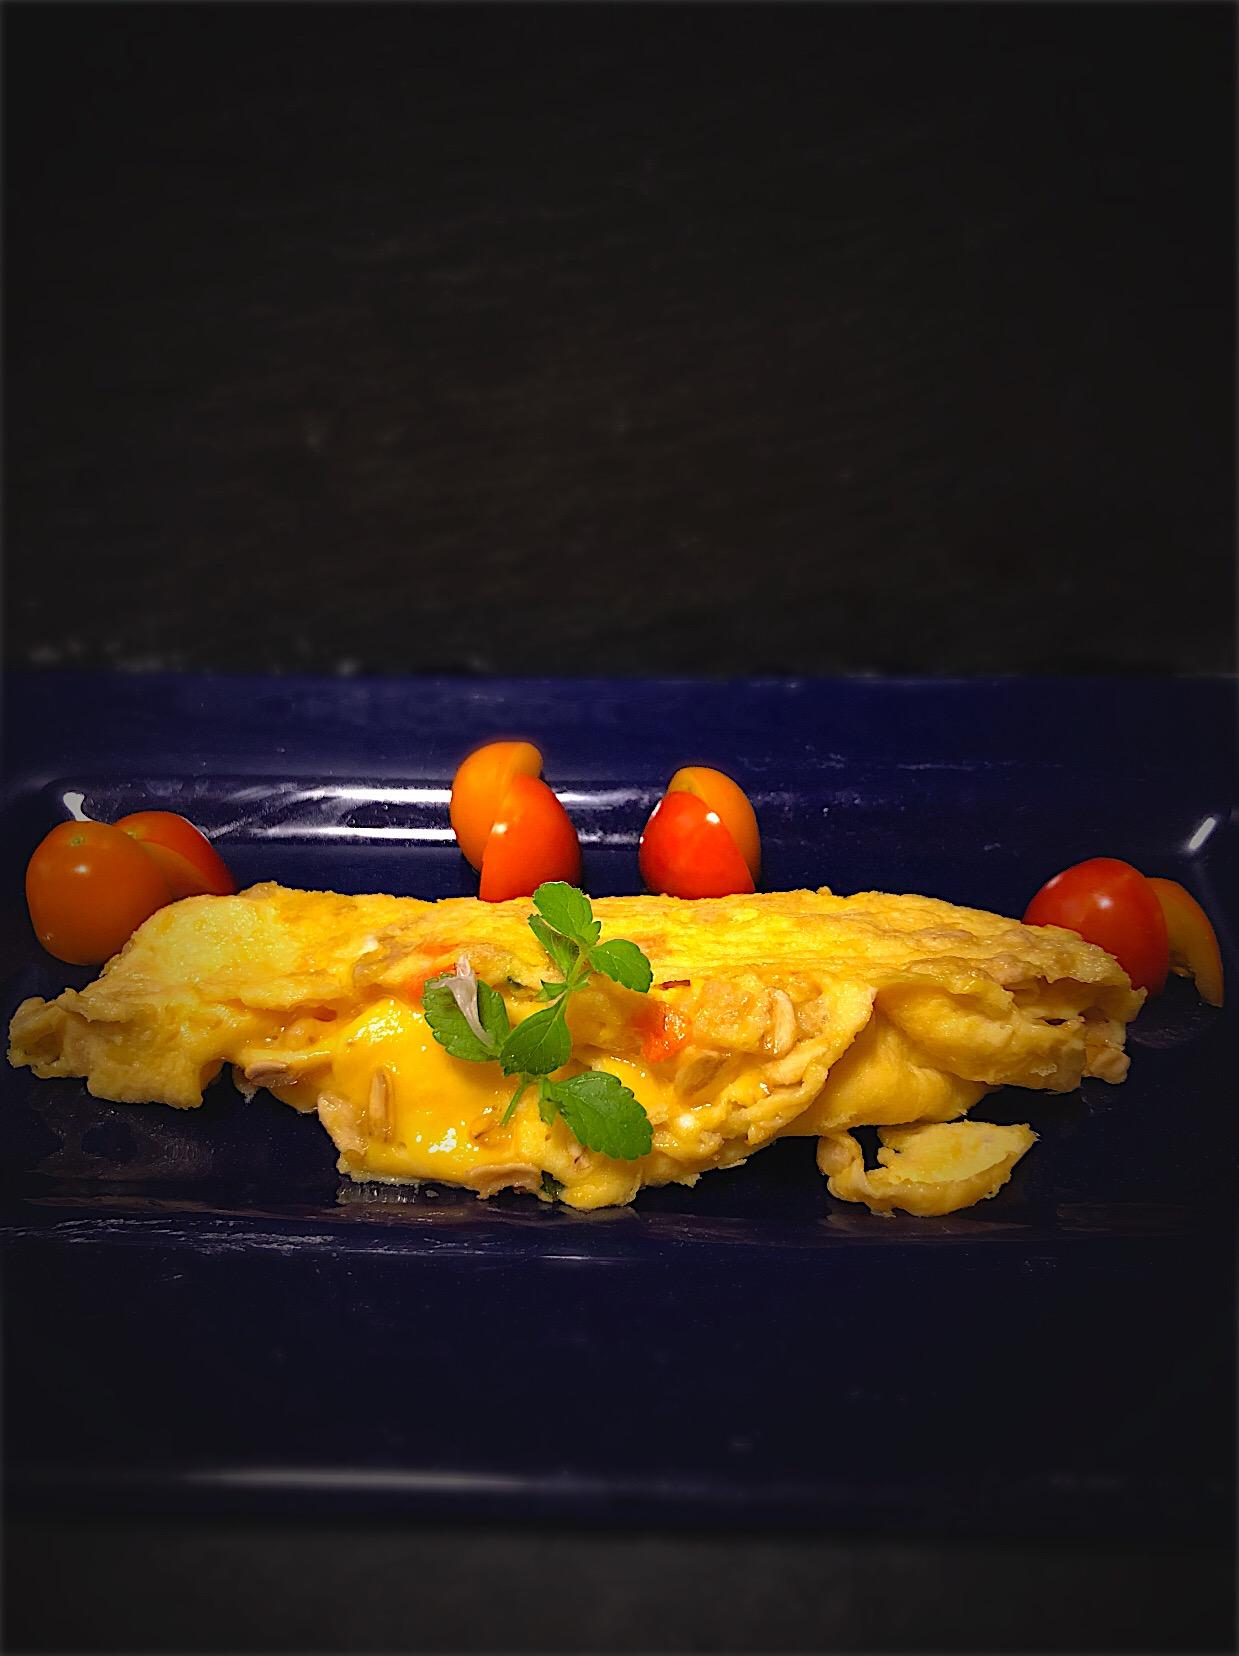 ライスグラノーラで五目だし玉子  お手軽!カンタン!卵?だけでできちゃう!お弁当に最適!#team ricegranola #和風だし味 #グルテンフリー